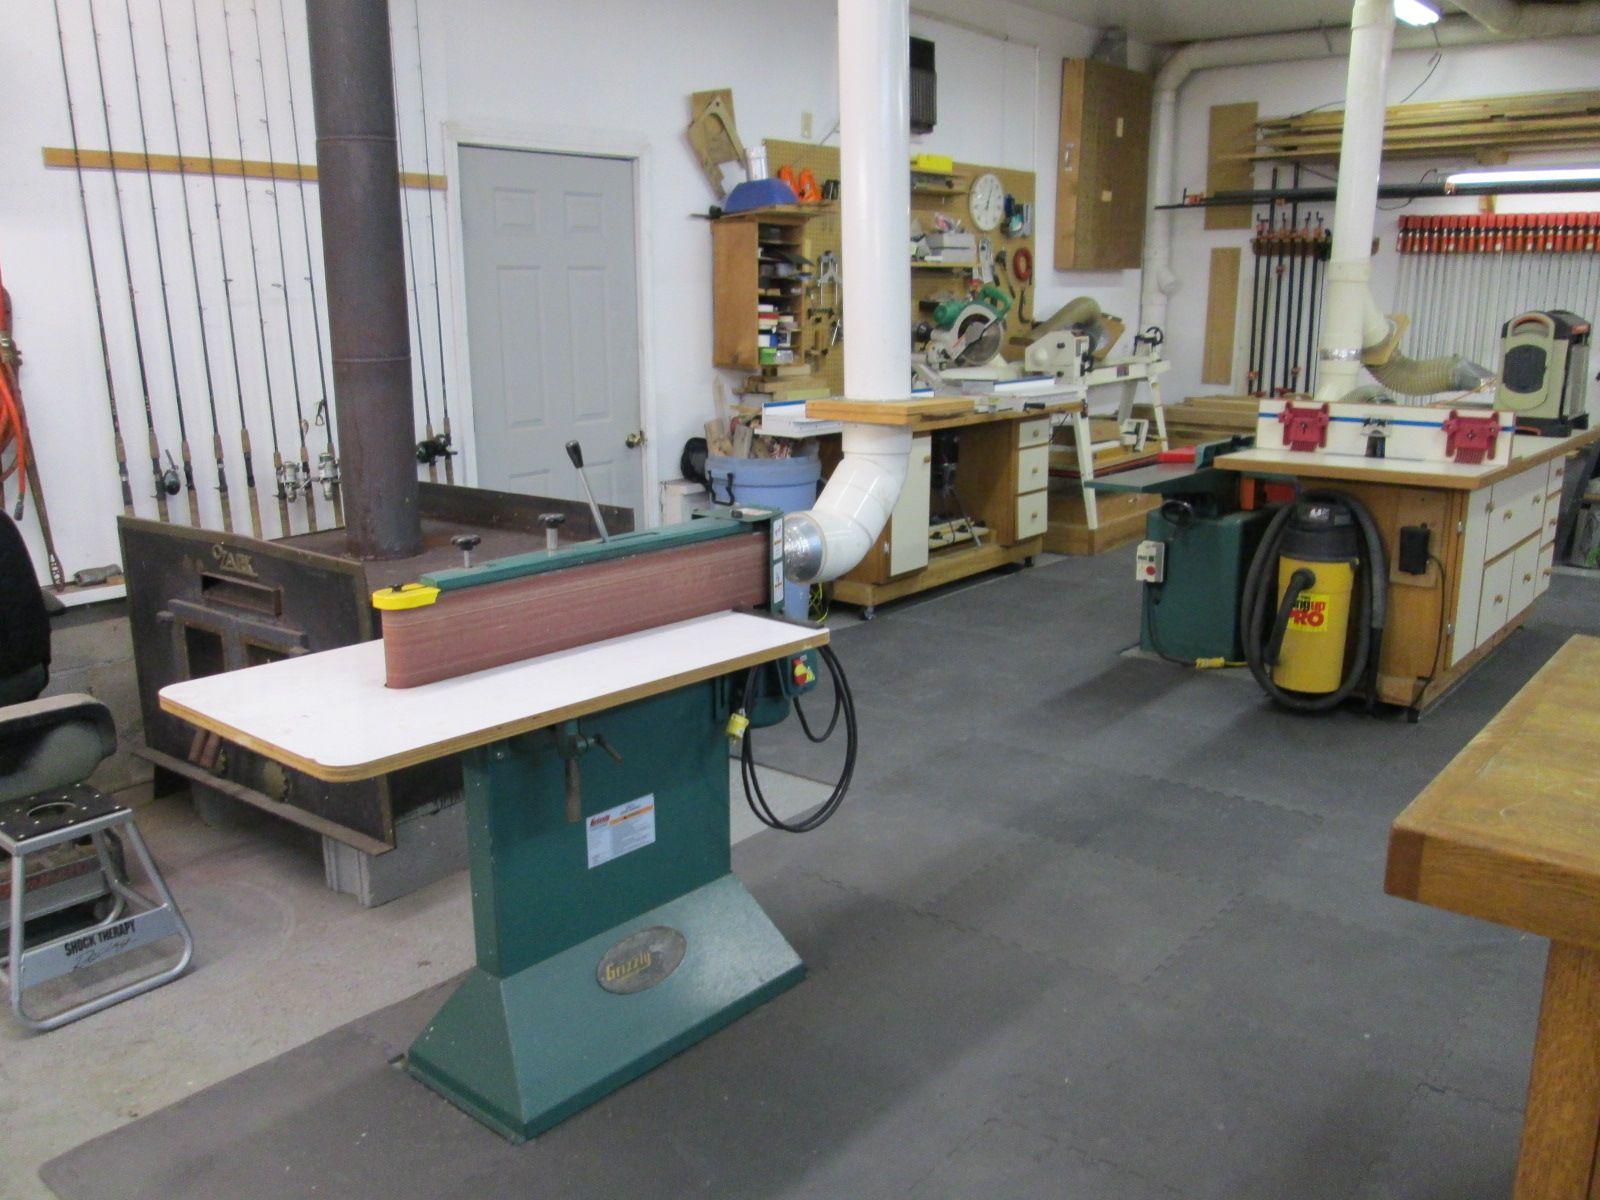 hight resolution of workshop design shop layout garage workshop woodworking shop carpenter wood working